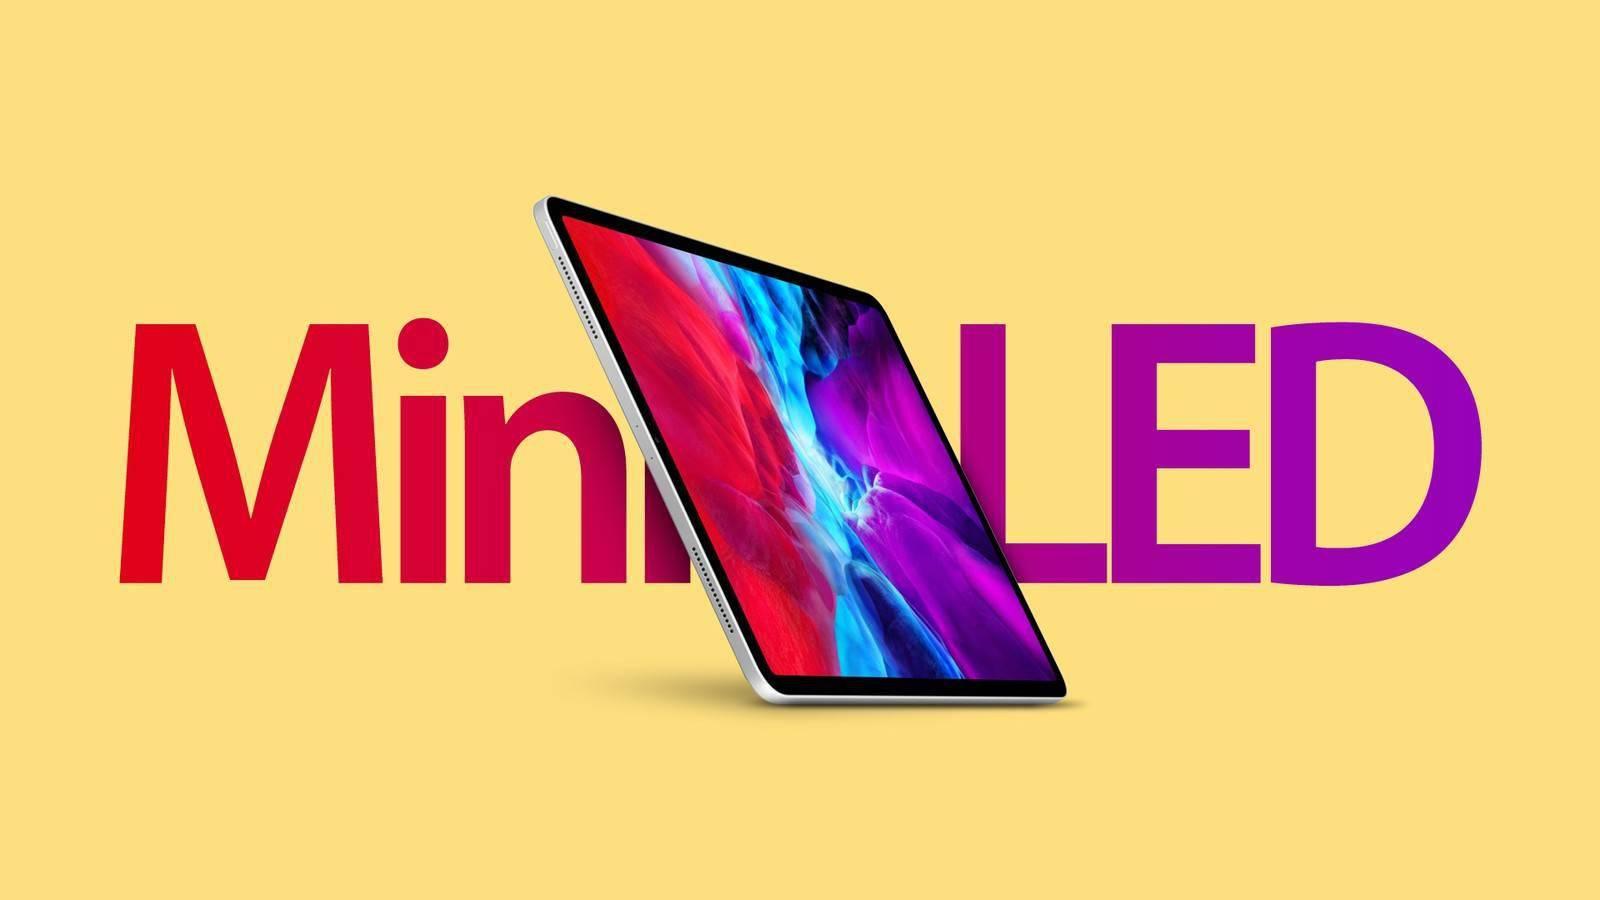 再传今年推出的12.9英寸iPad Pro采用Mini-LED背光组件